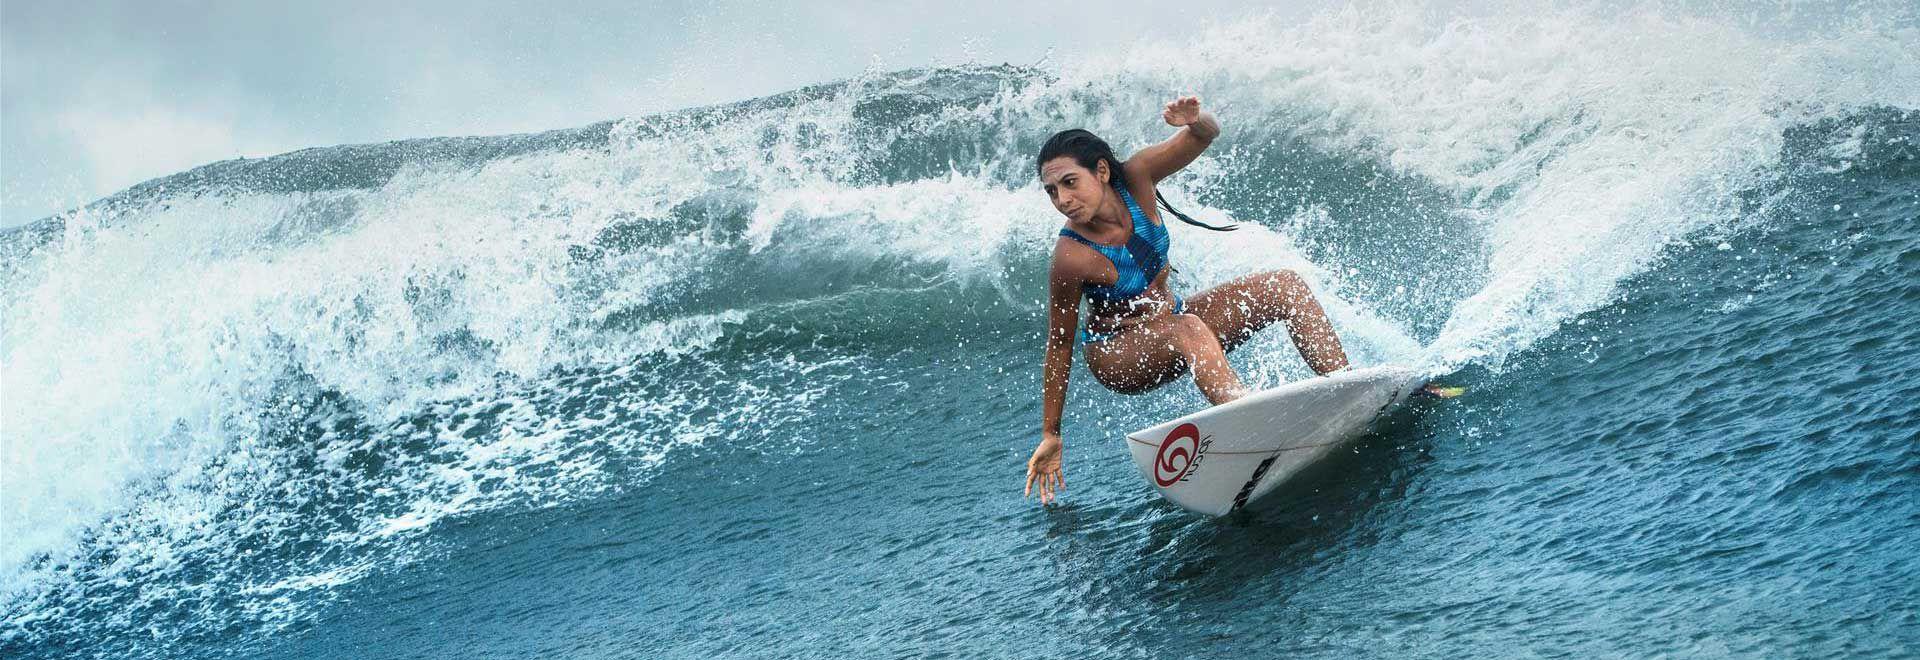 Curs d'iniciació de Surf<br />2 hores x 4 dies